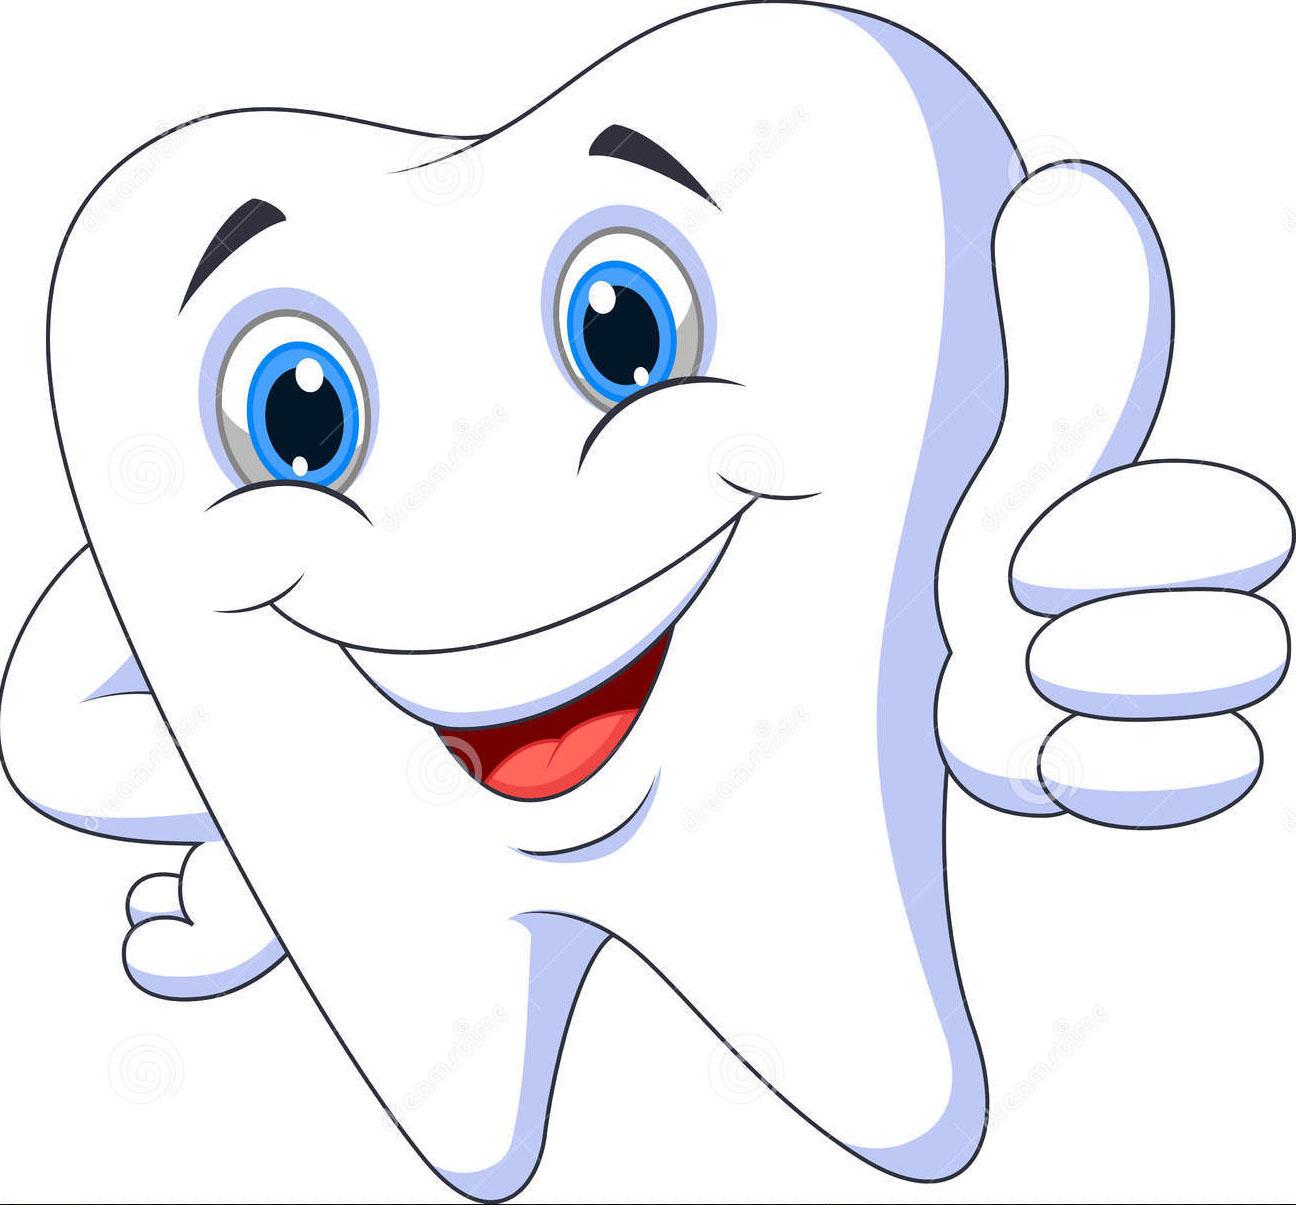 Teeth clipart strong tooth Cartoon Teeth Teeth information Cartoon